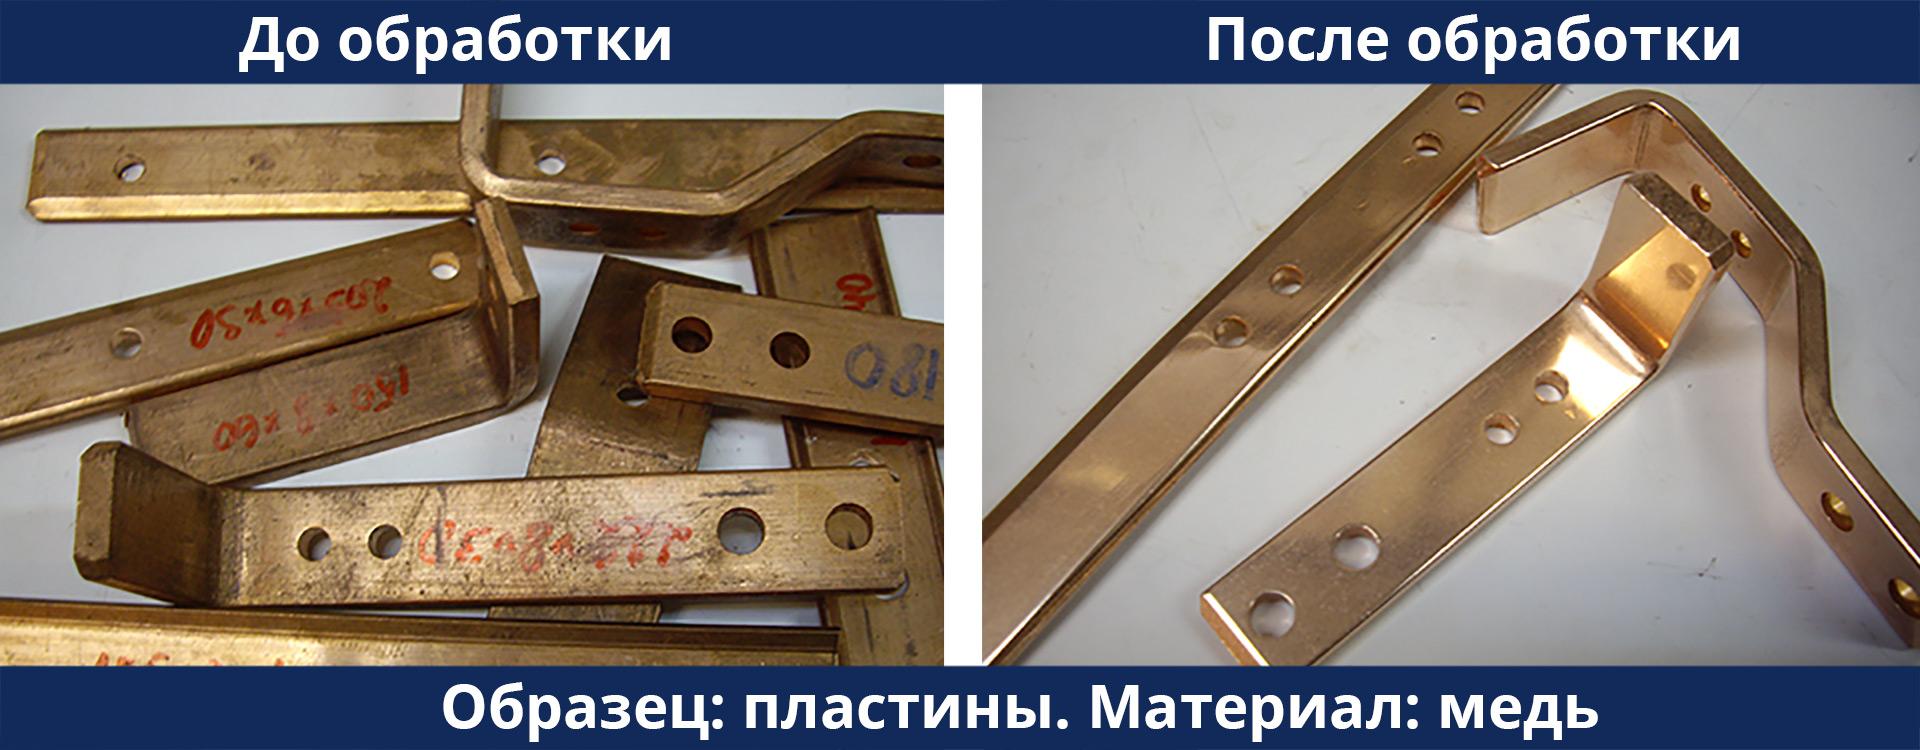 Образцы медных пластин до галтовки и после галтовки